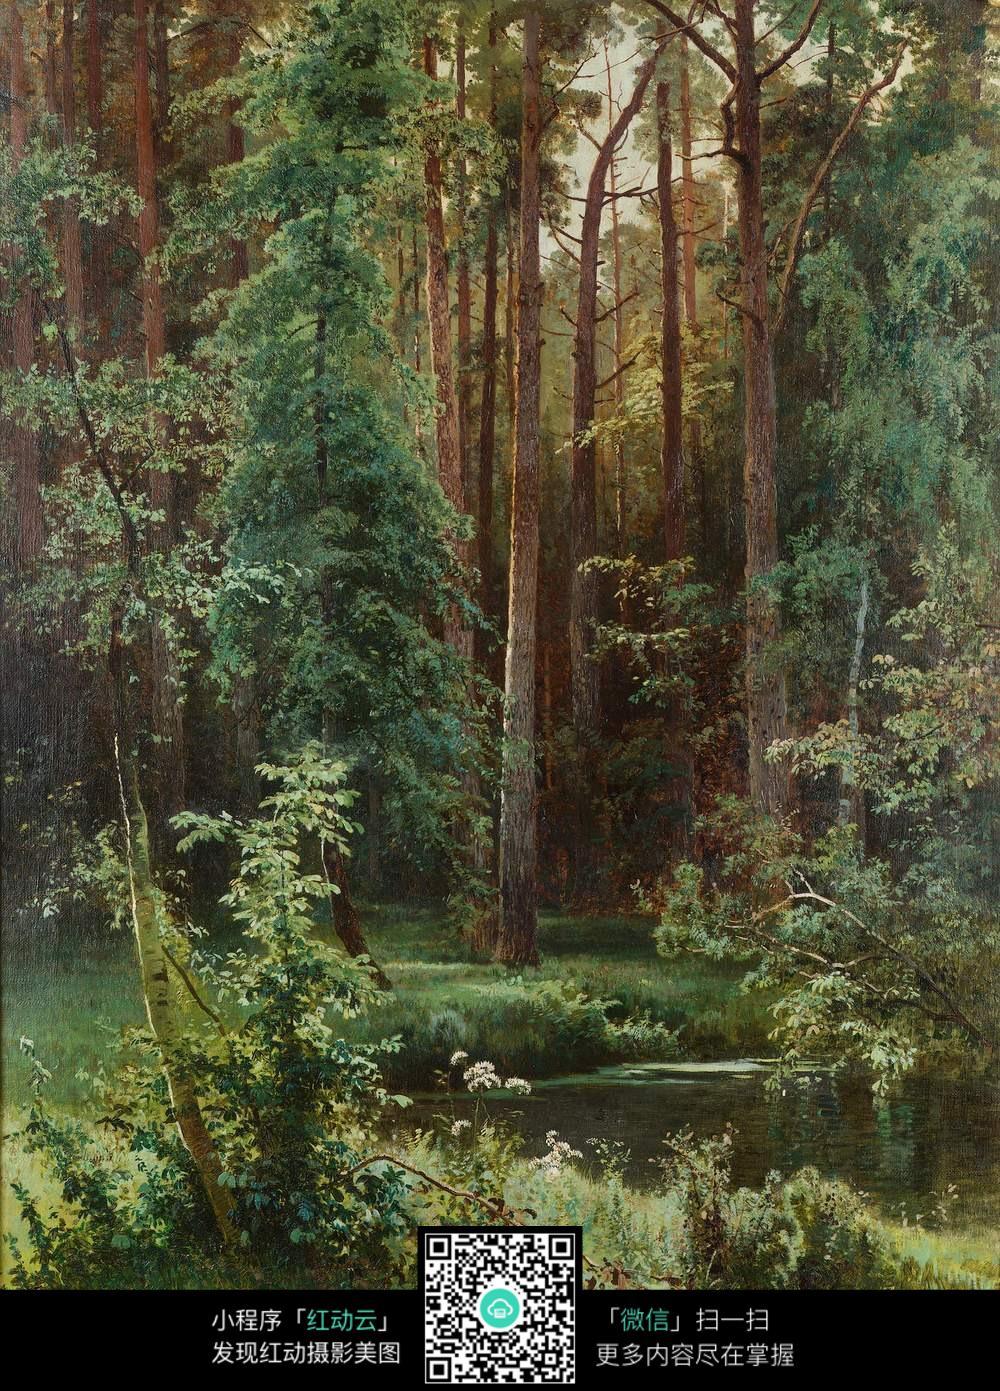 美术图片大全森林